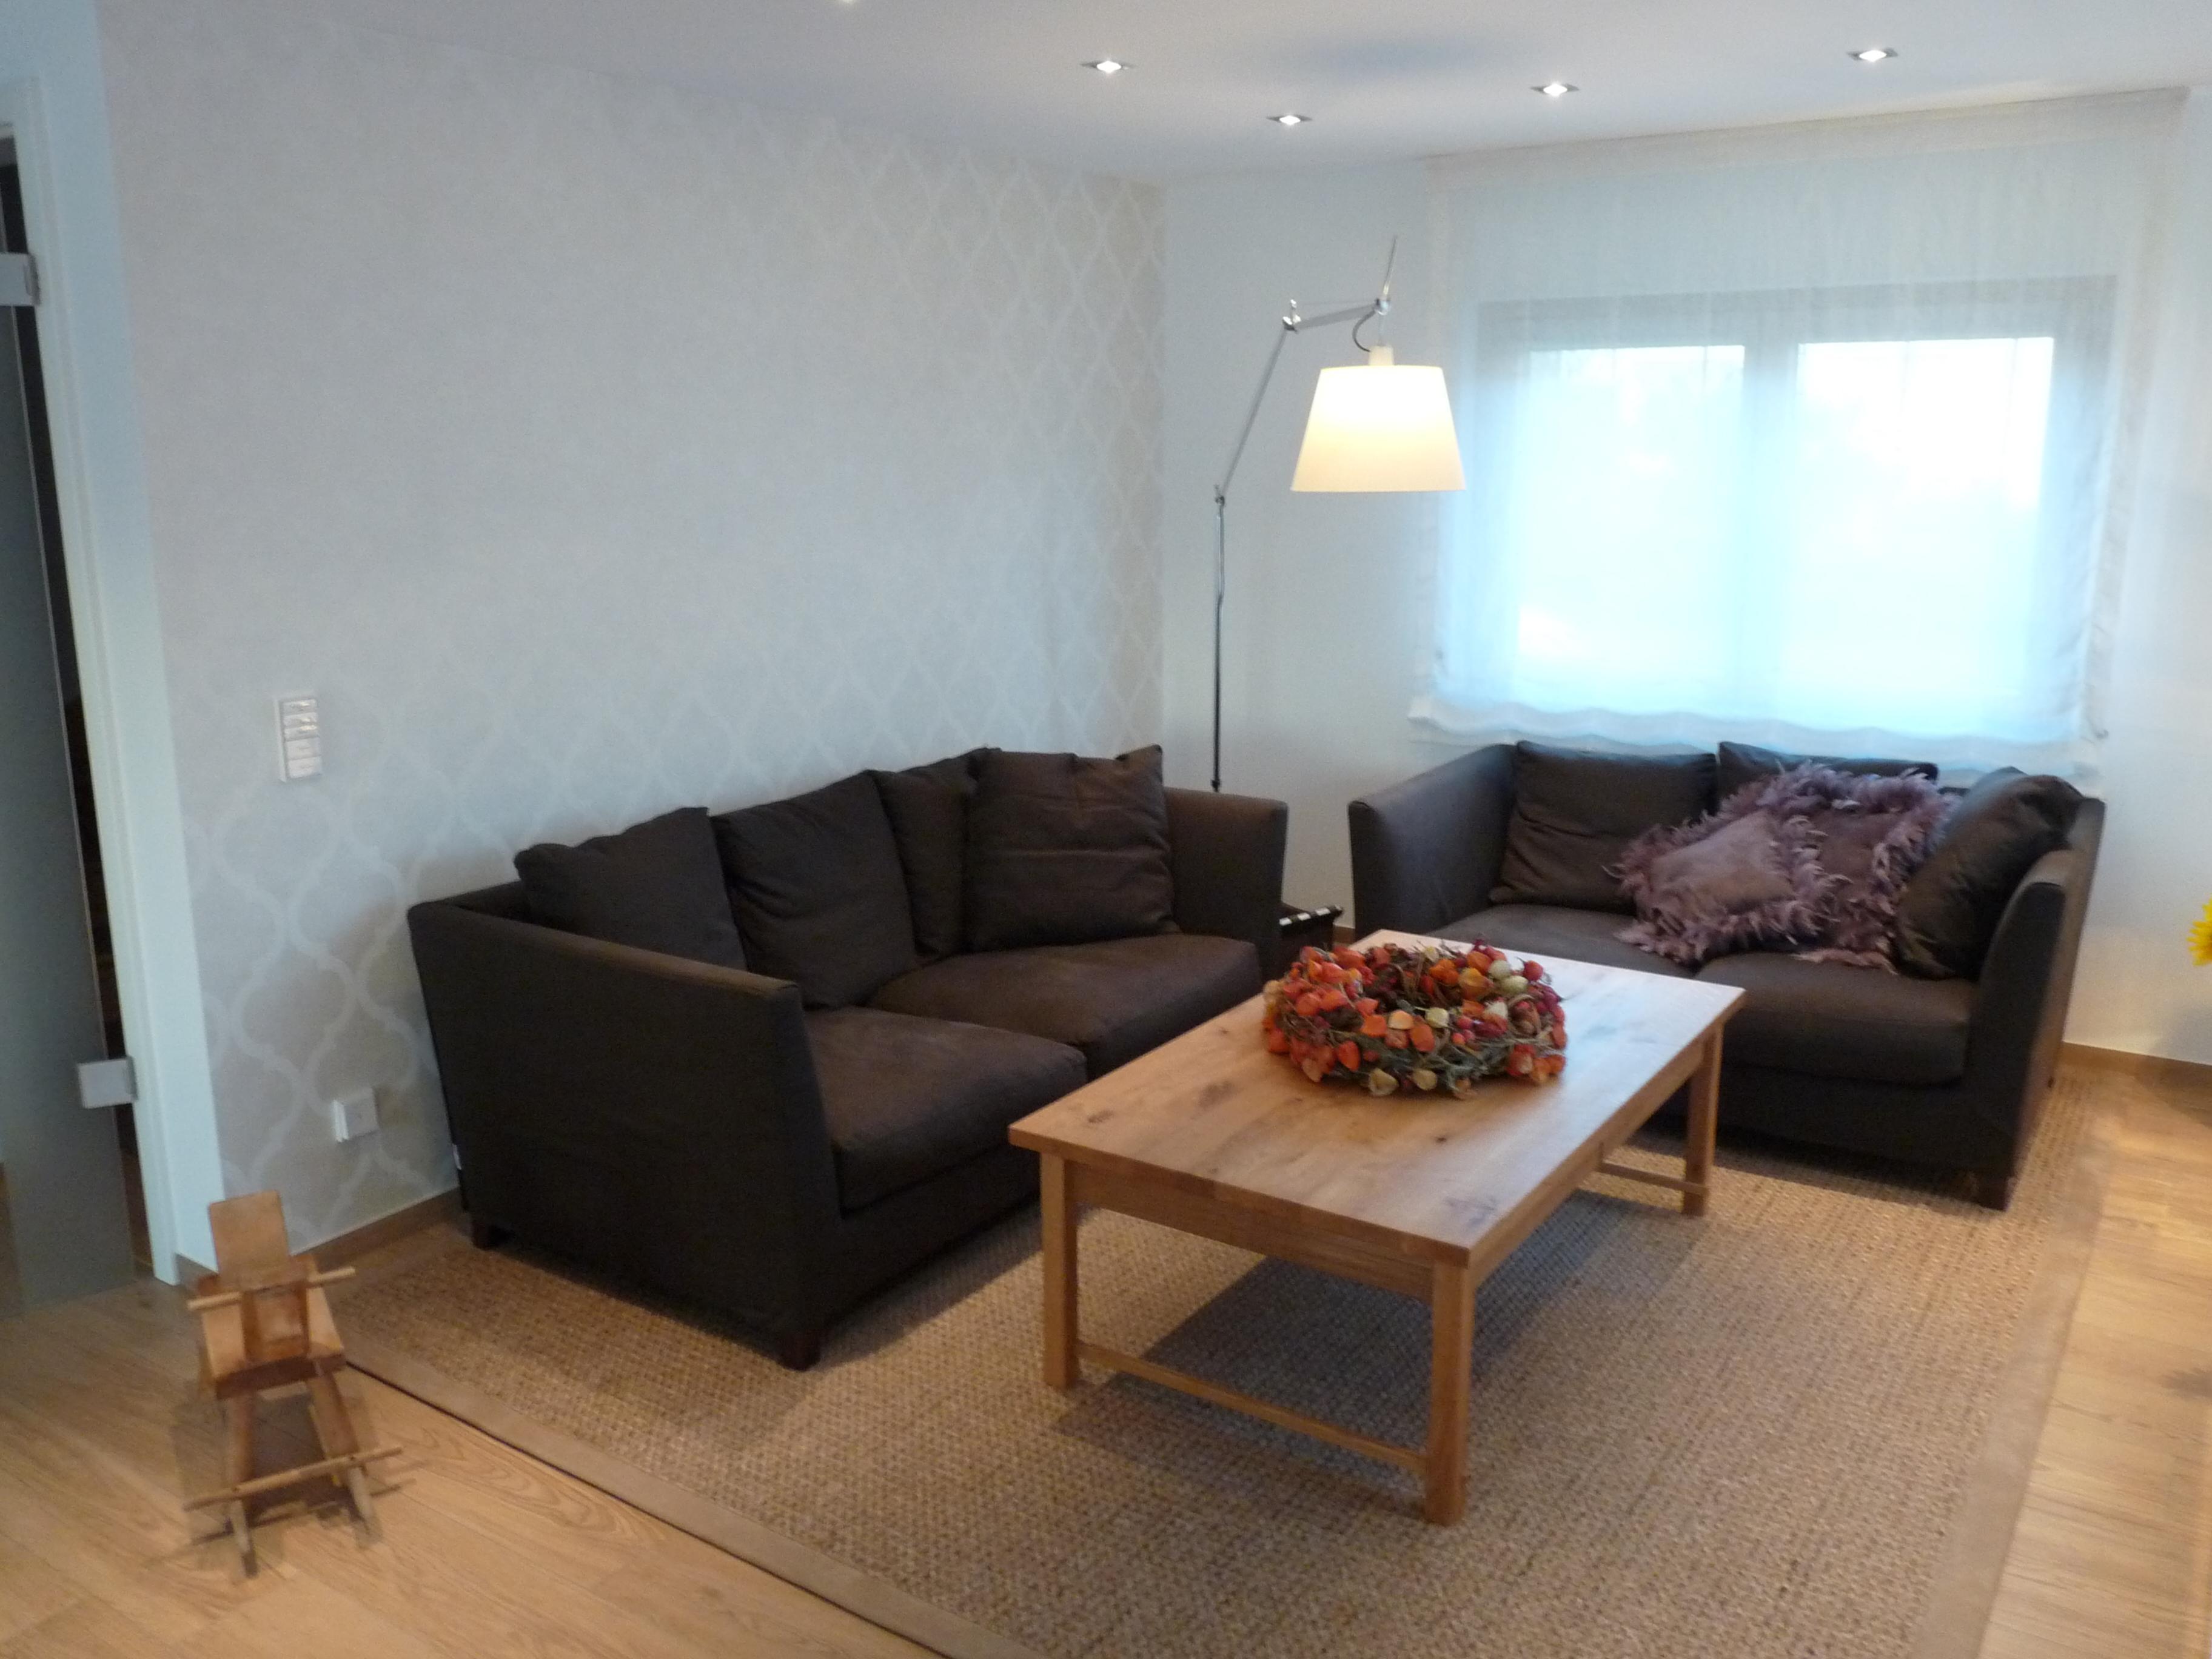 mustertapete ? bilder & ideen ? couchstyle - Muster Tapete Wohnzimmer